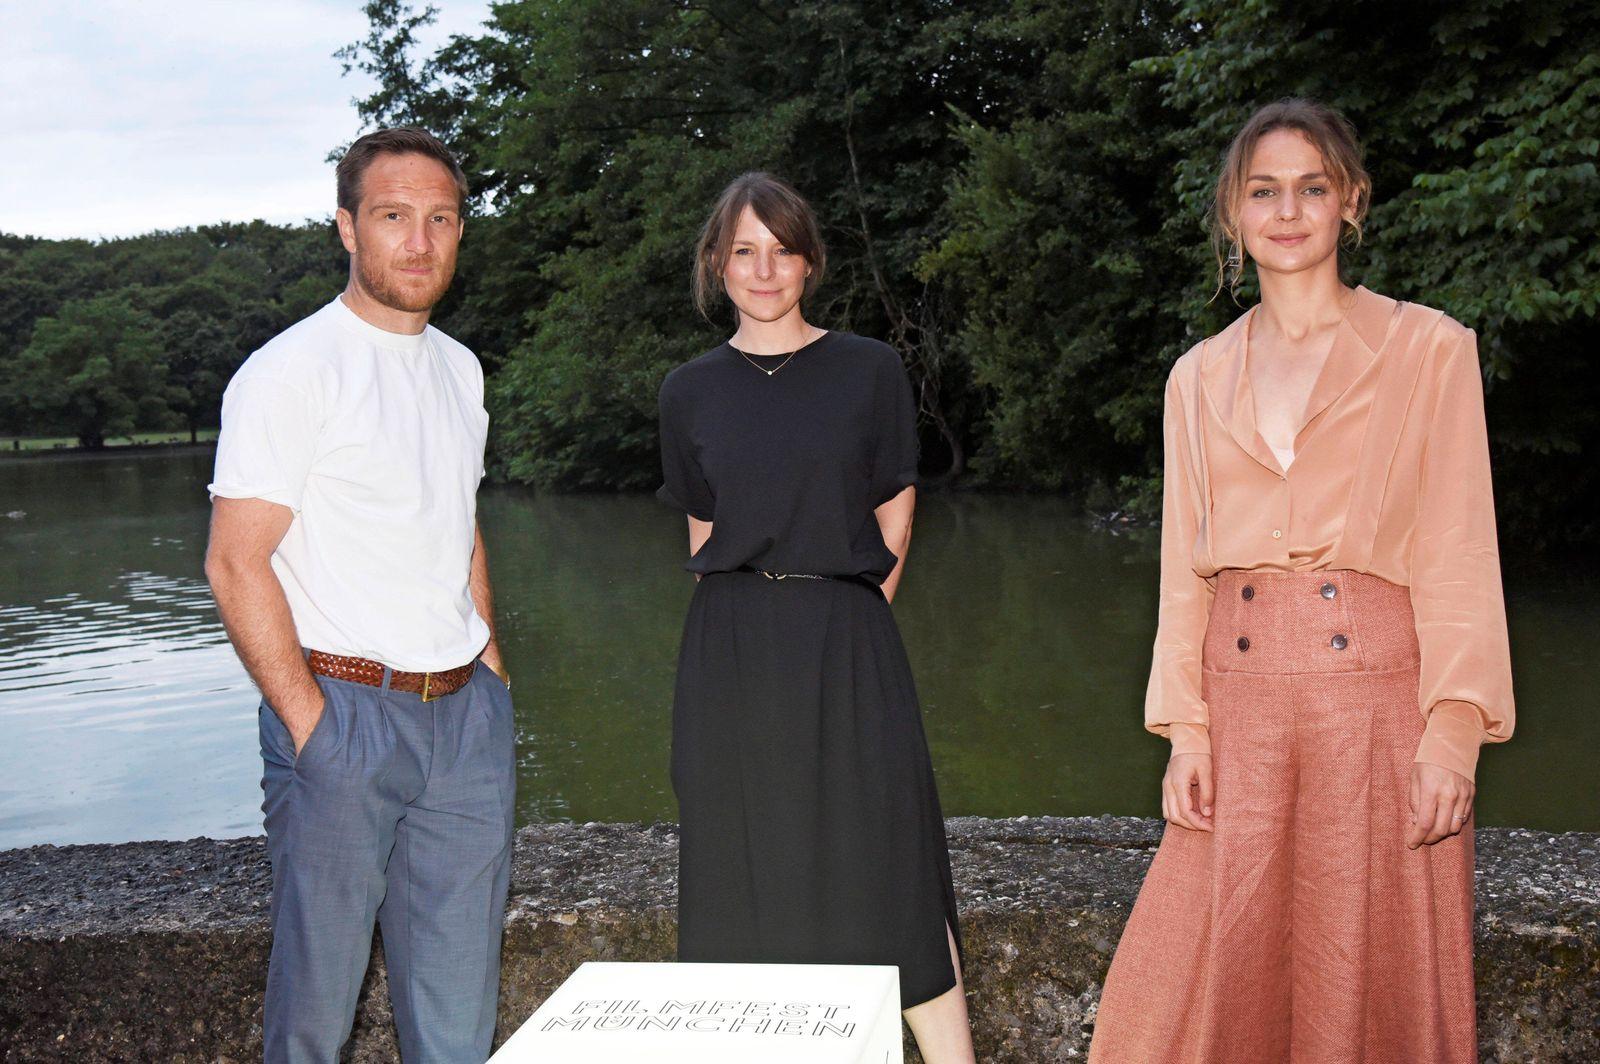 Frederick Lau, Helena Hufnagel und Luise Heyer bei der Premiere des Kinofilms Generation Beziehungsunf?hig auf dem 38.